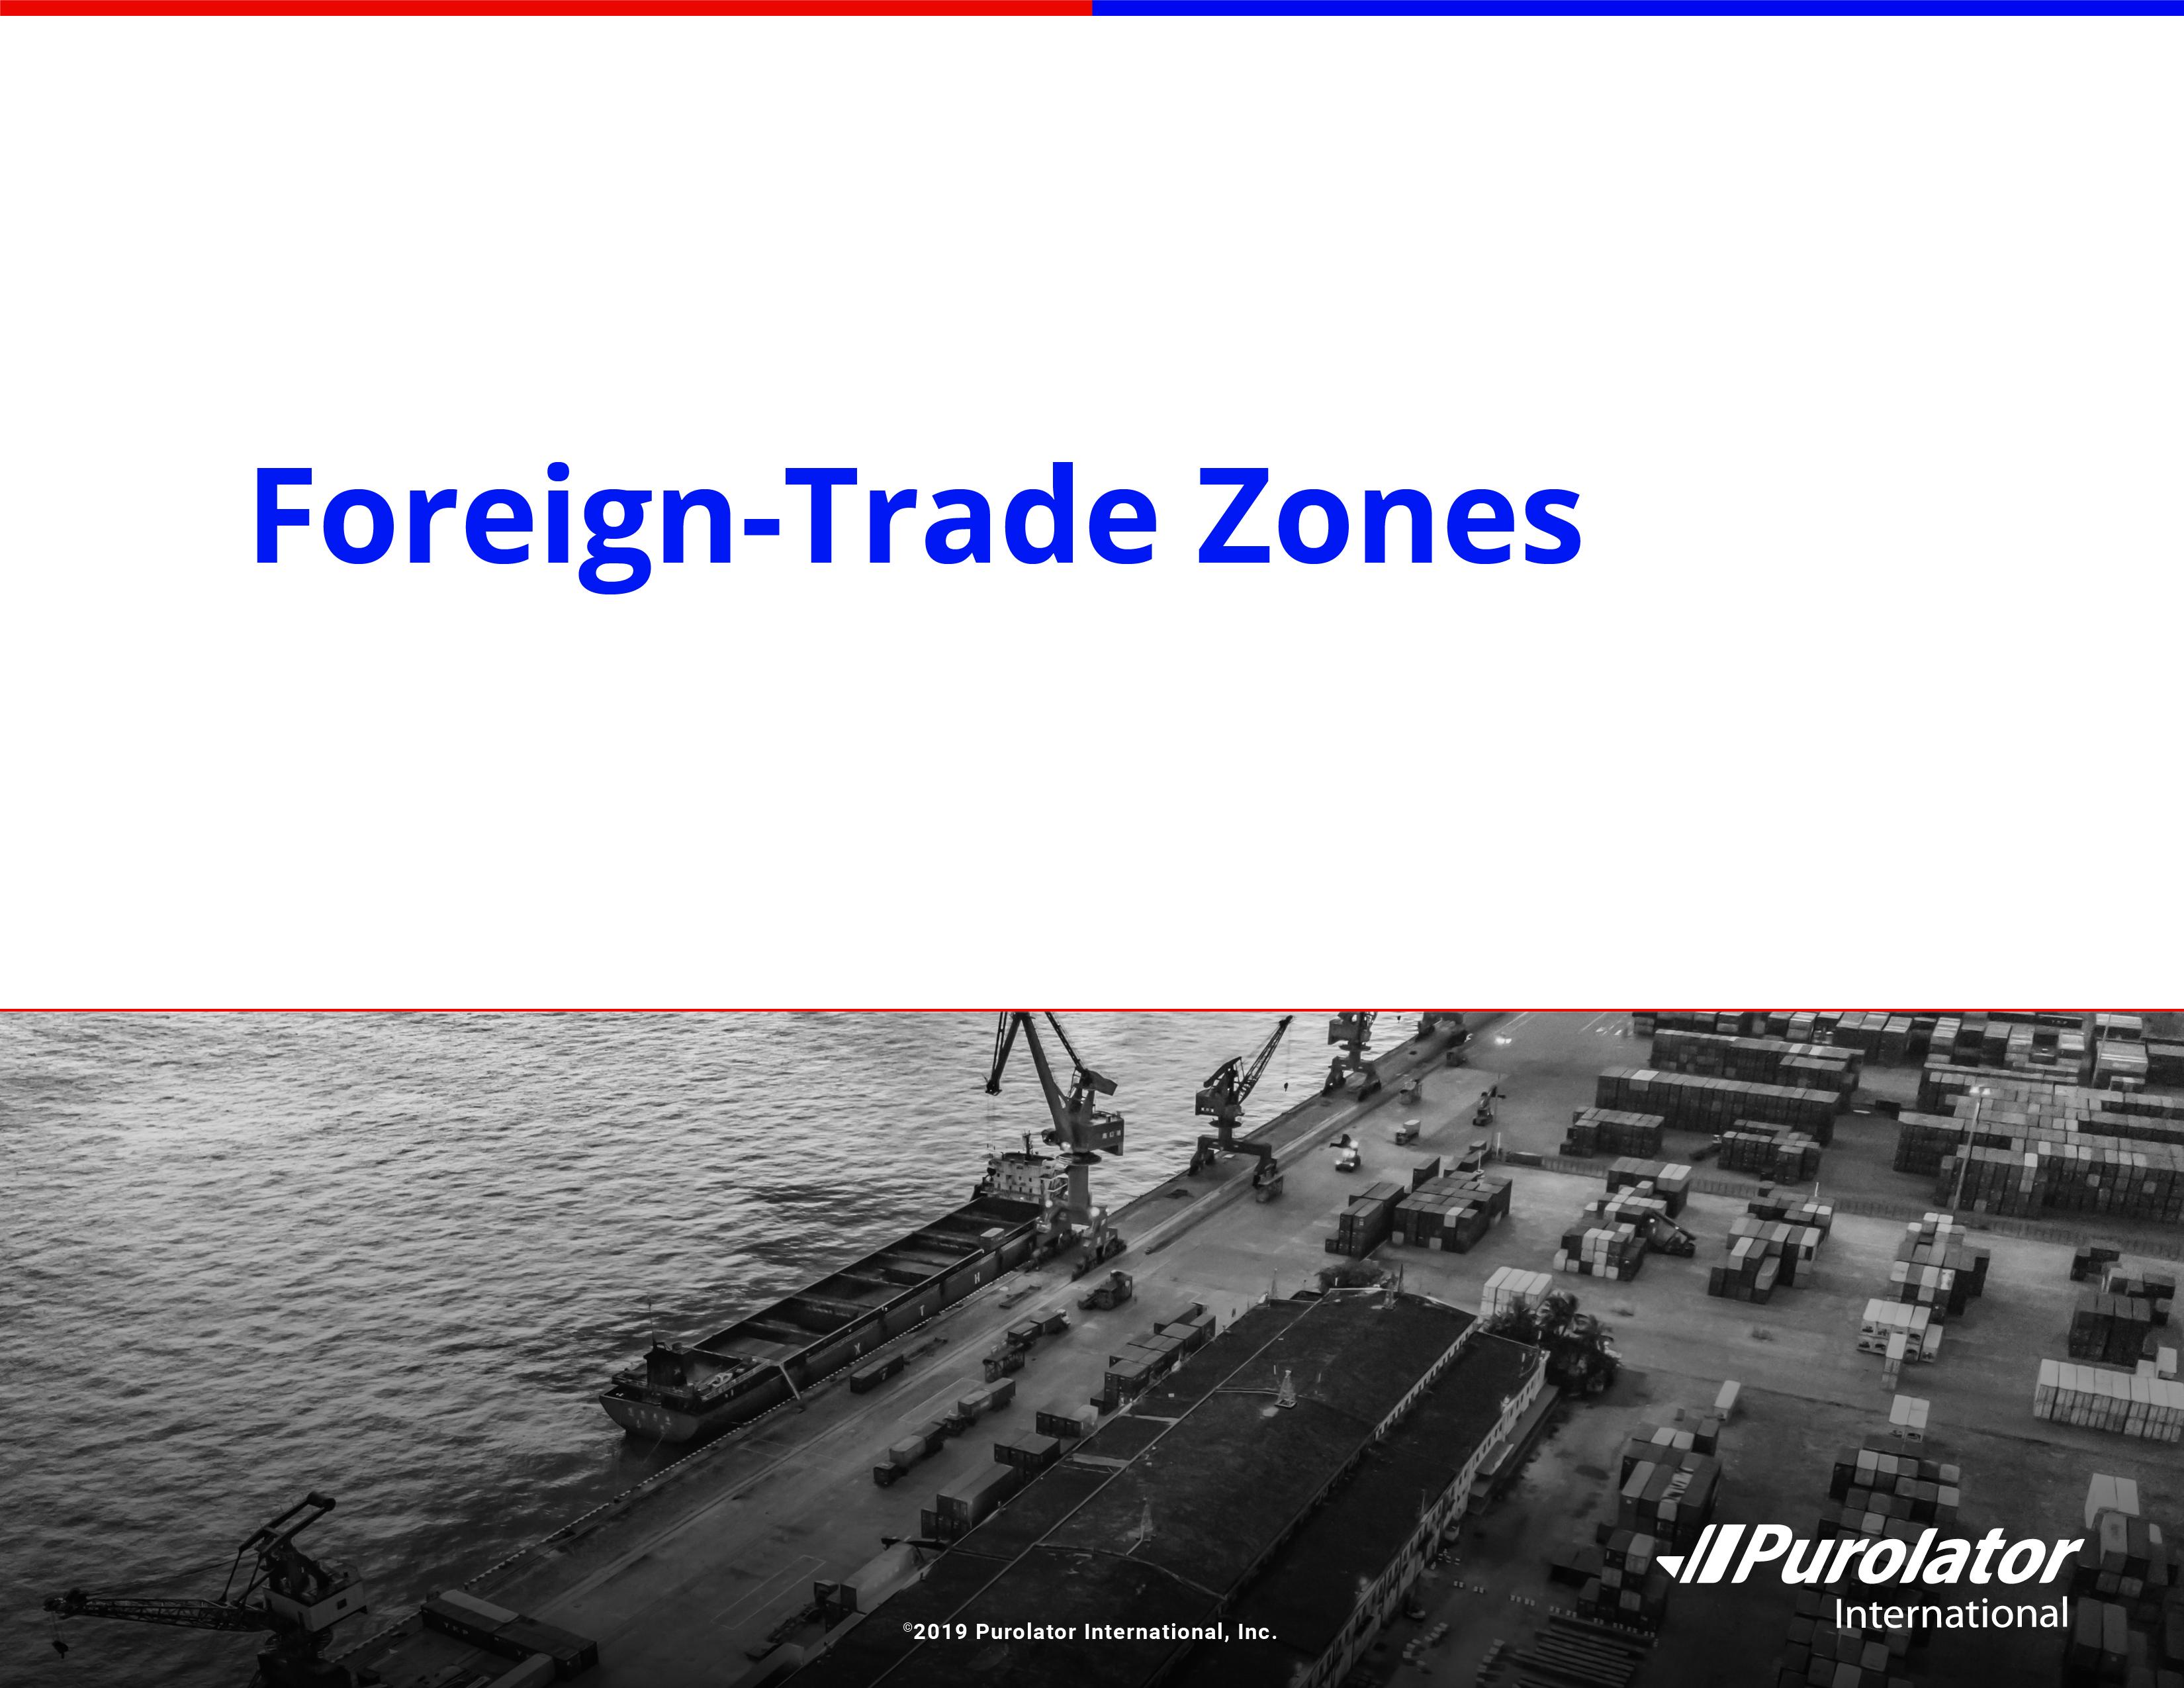 Purolator foreign trade zones1